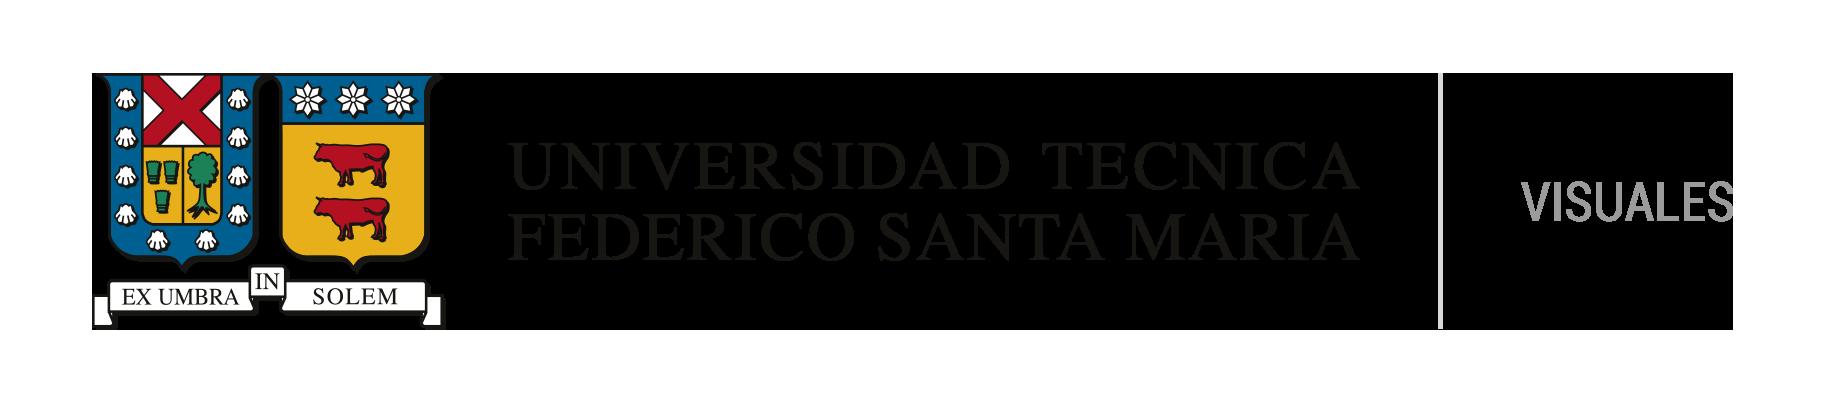 USM Visuales - Universidad Técnica Federico Santa María